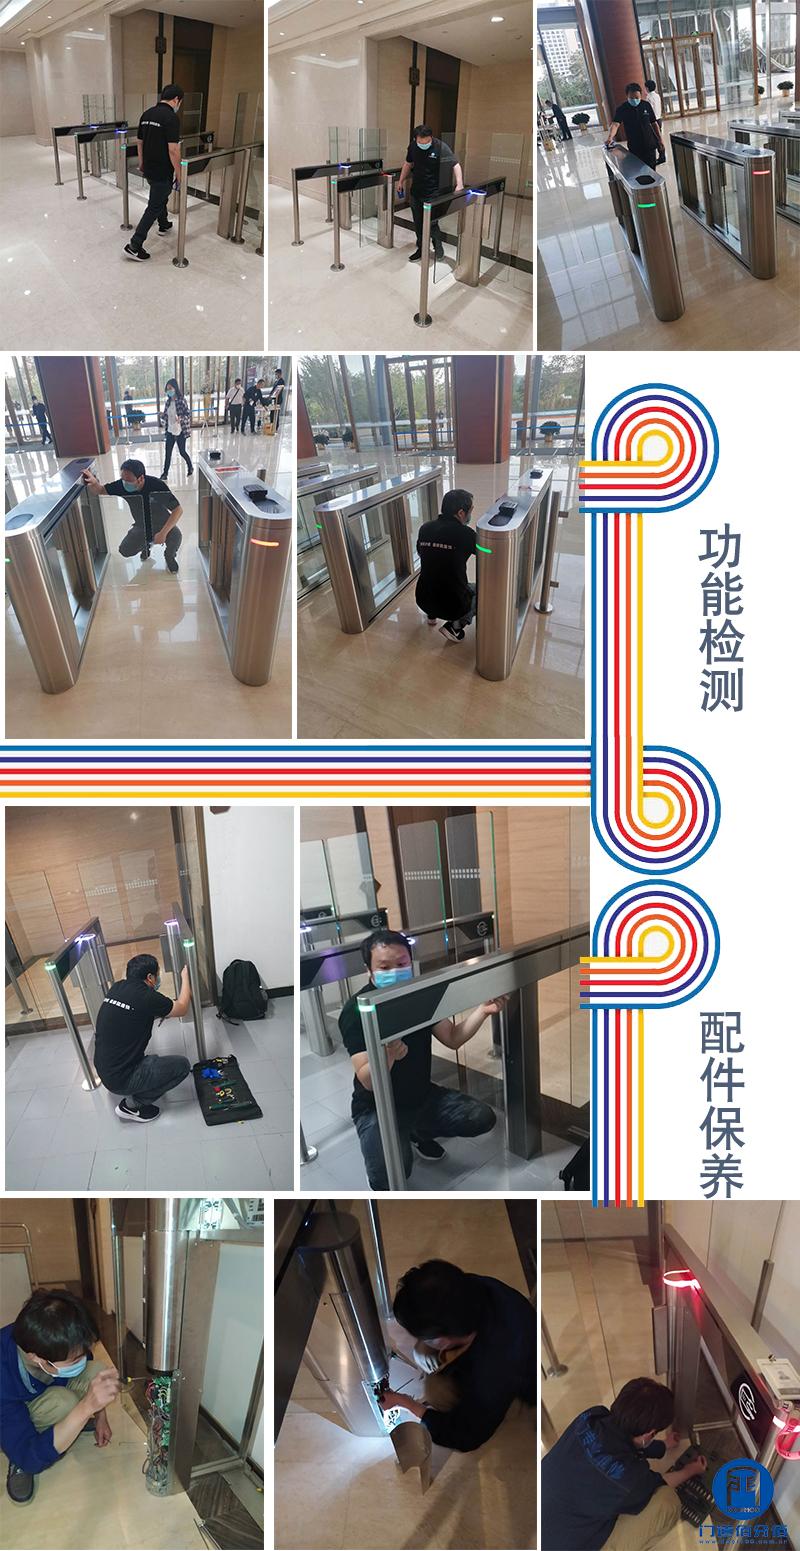 北京朝阳区某大厦内28个通道比利时AS品牌速通门保养维修服务